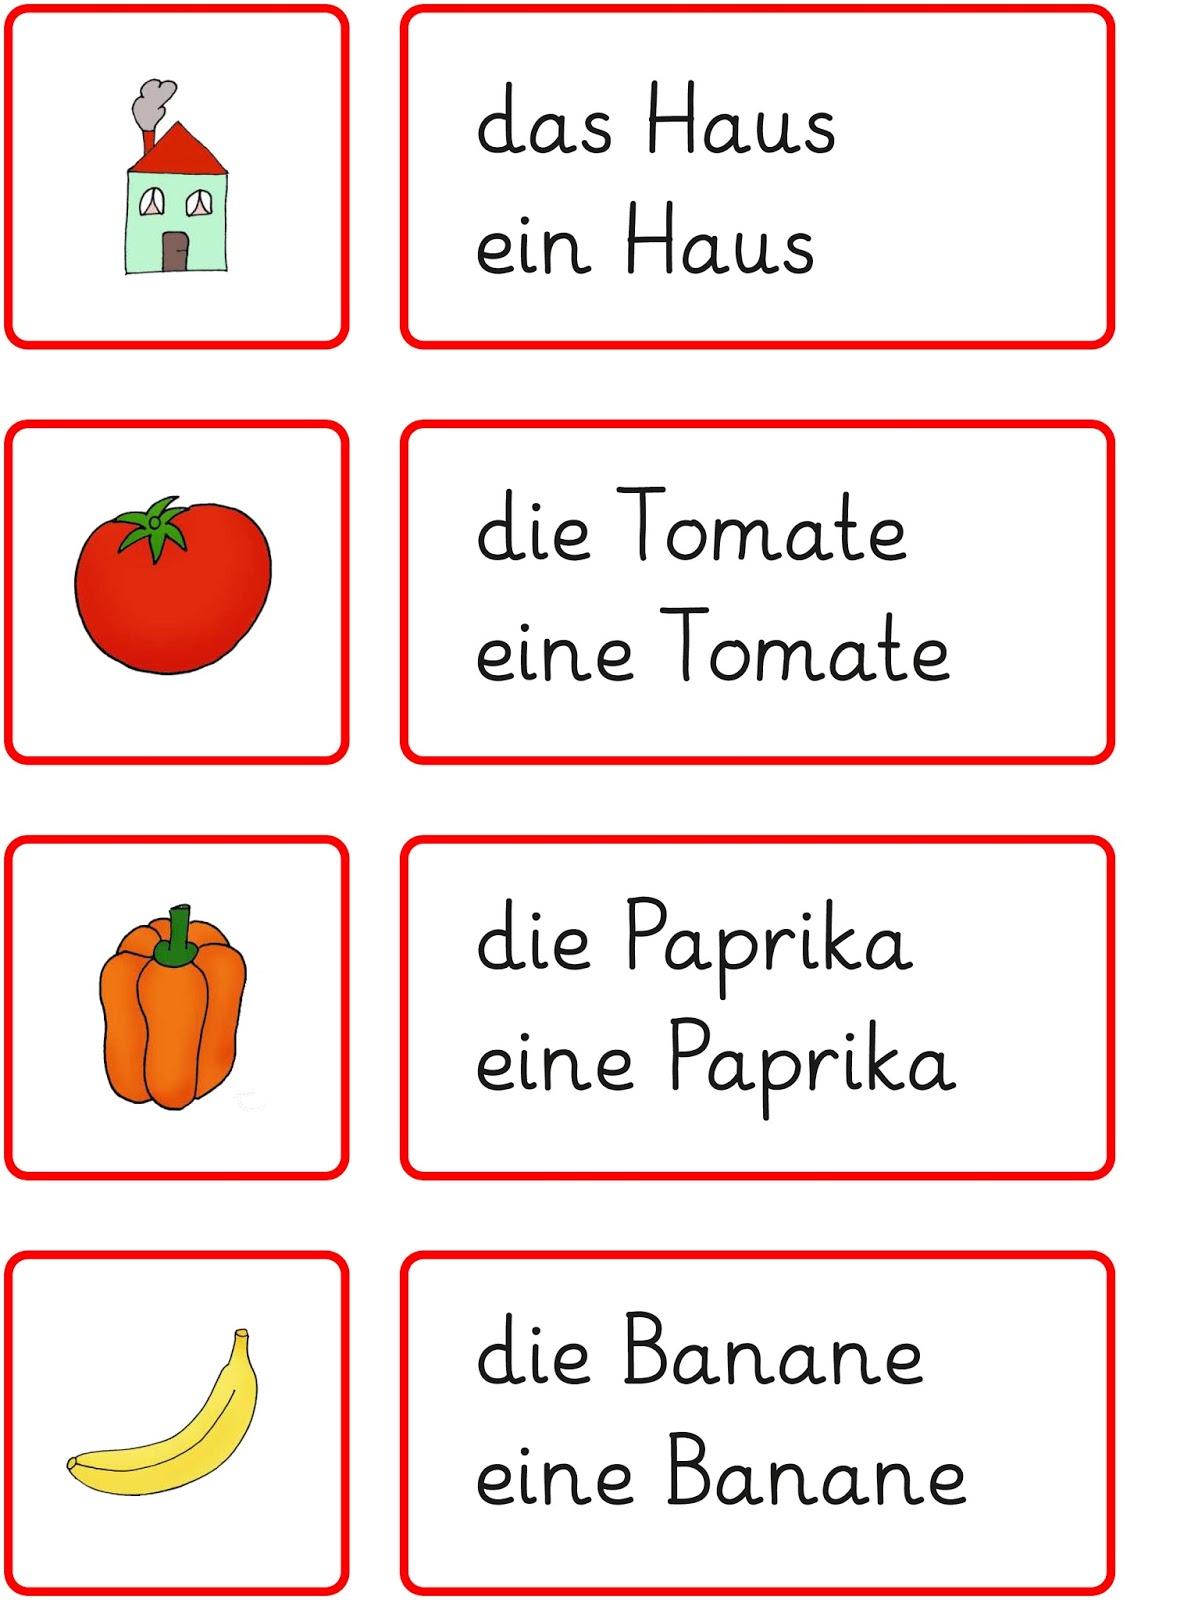 Wörter lesen das haus en haus deutsch lernen learn preschool karten